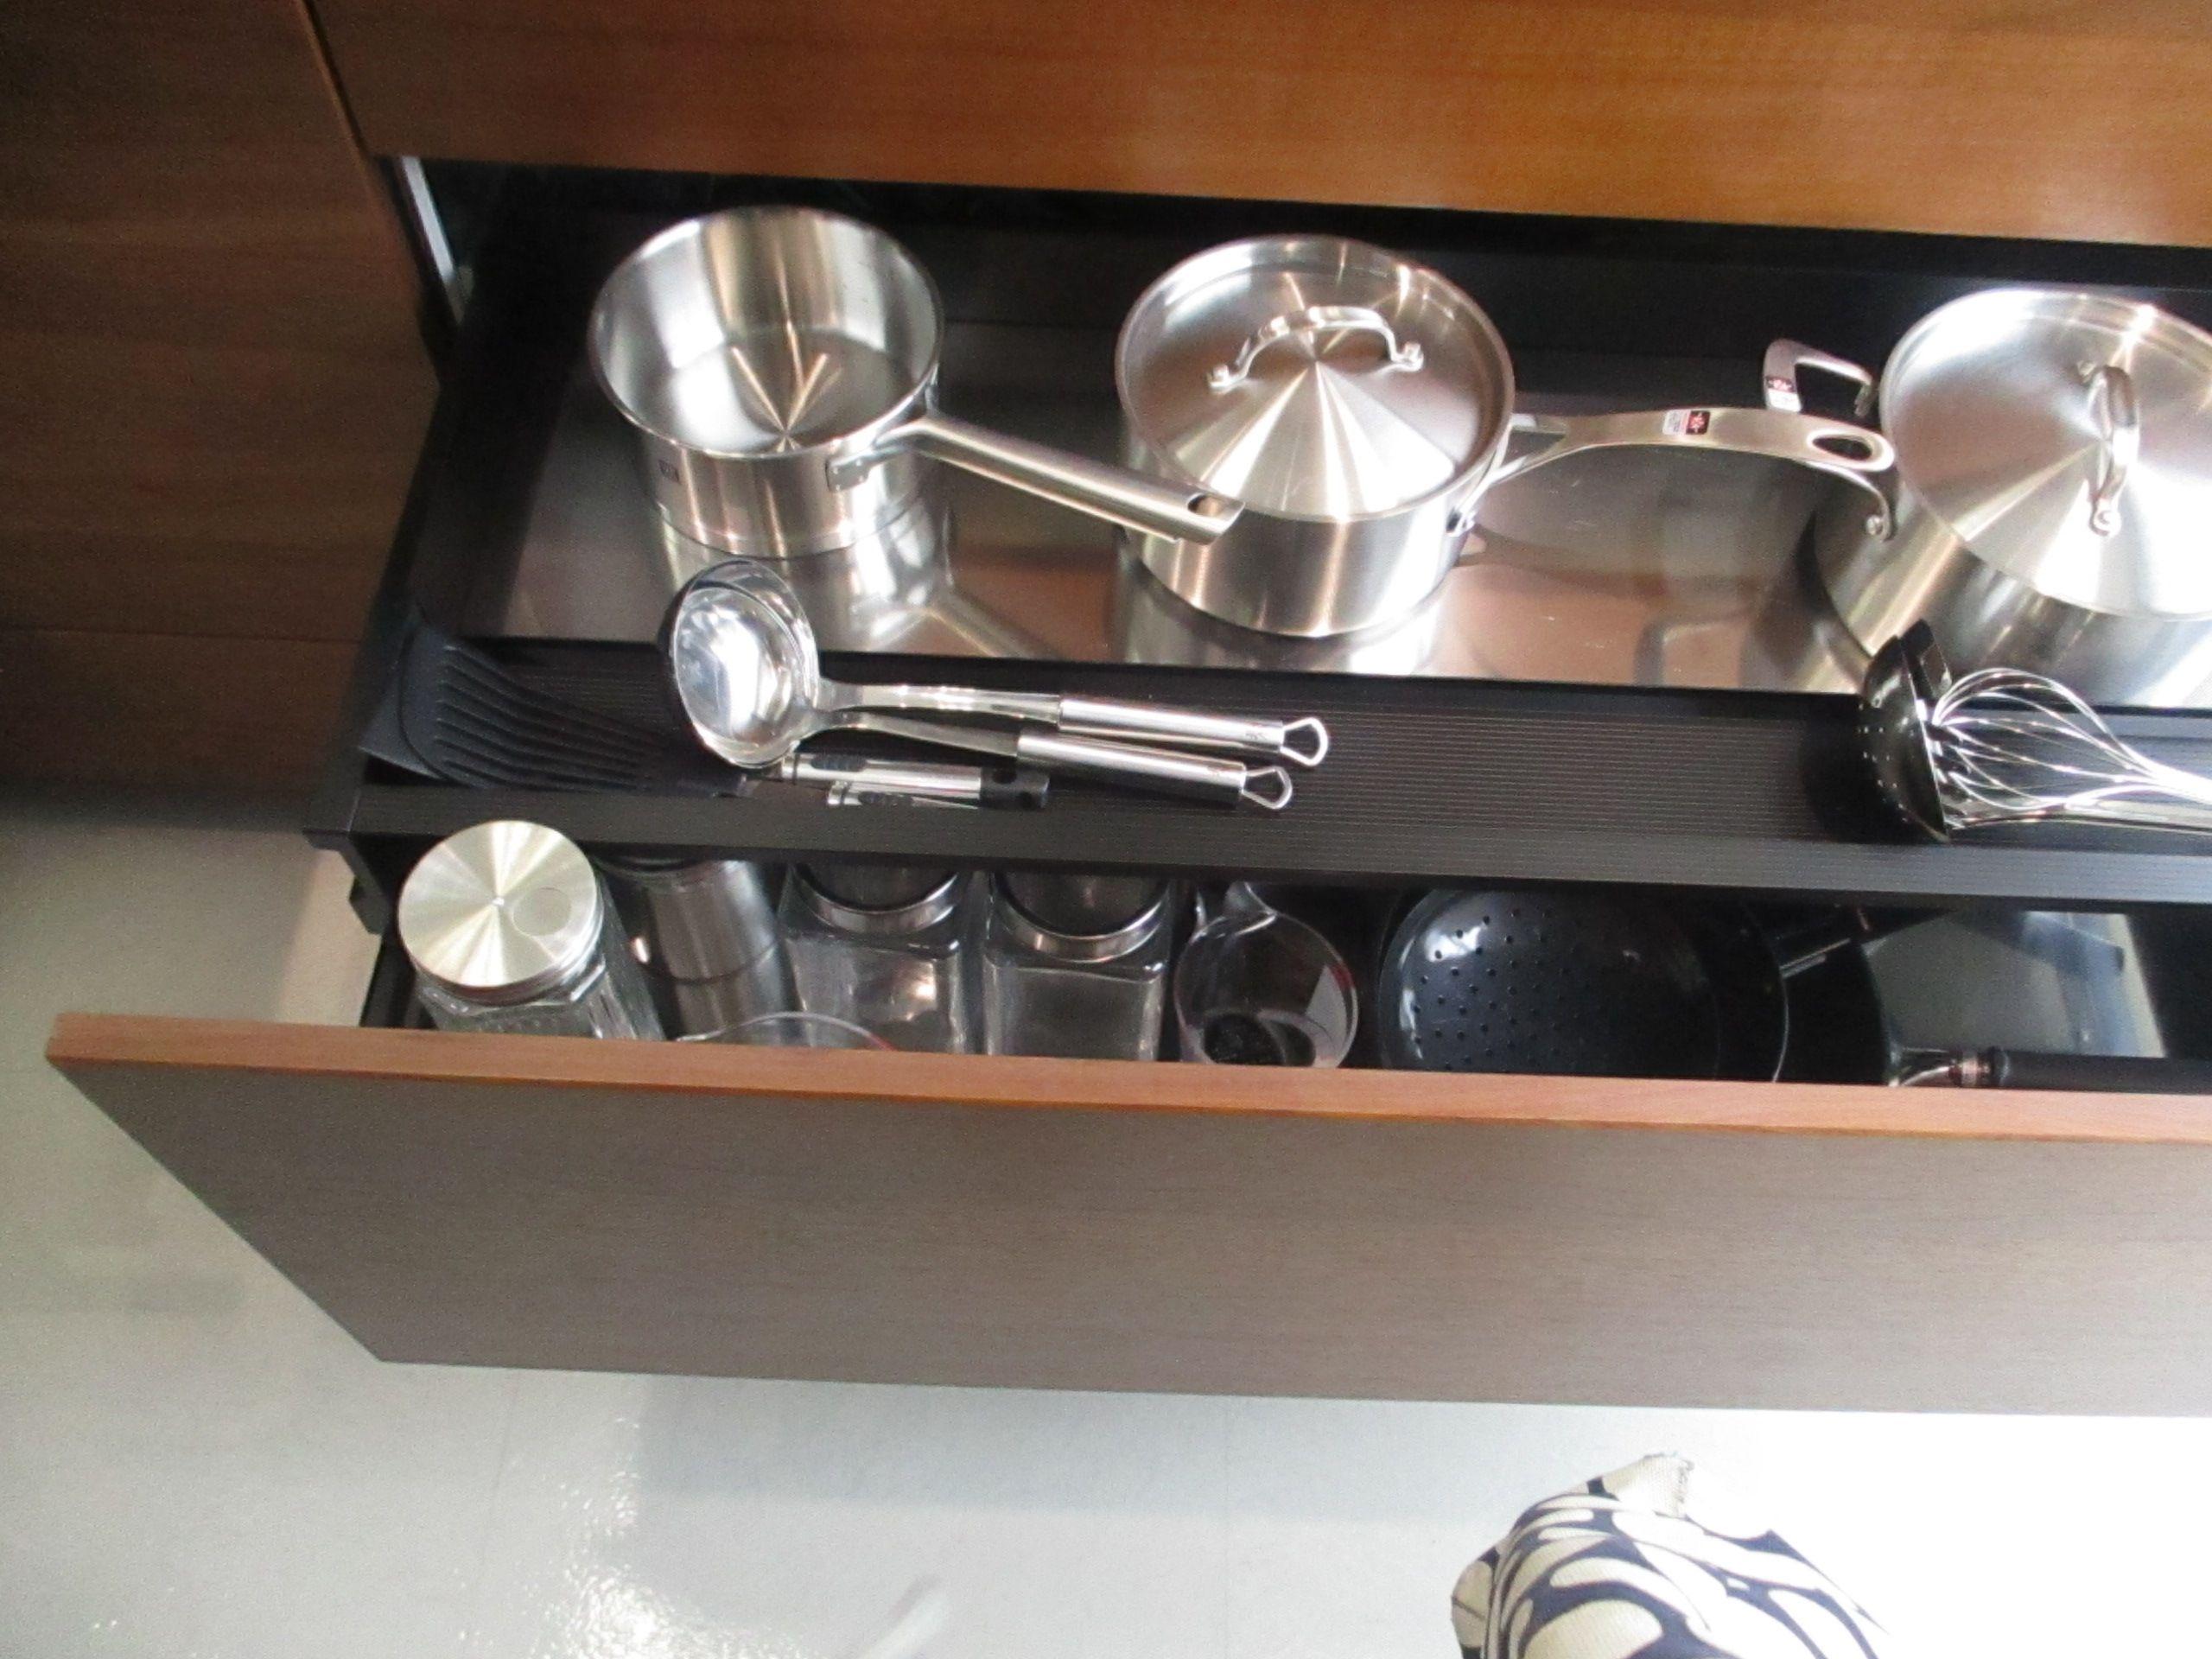 キッチン クリナップ セントロ 収納 コンロ下 収納 キッチン リノベーション リフォーム